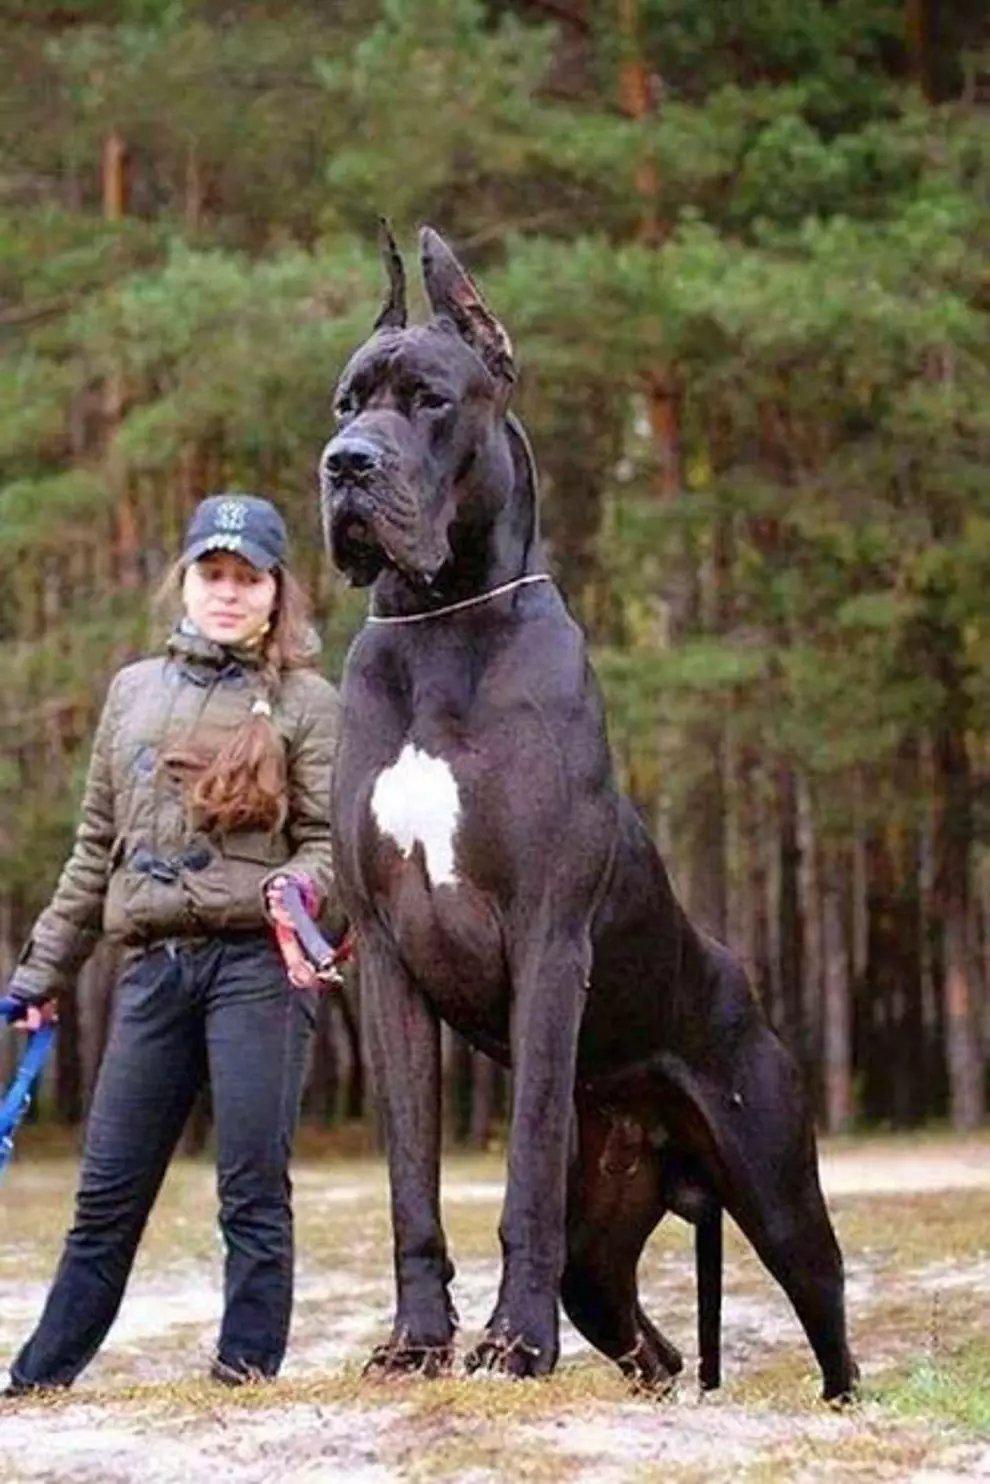 s dtmdDCyg7VyHX0jL0w4nXSuDy78 - 27 casos de animales que crecieron hasta lograr tamaños monstruosos